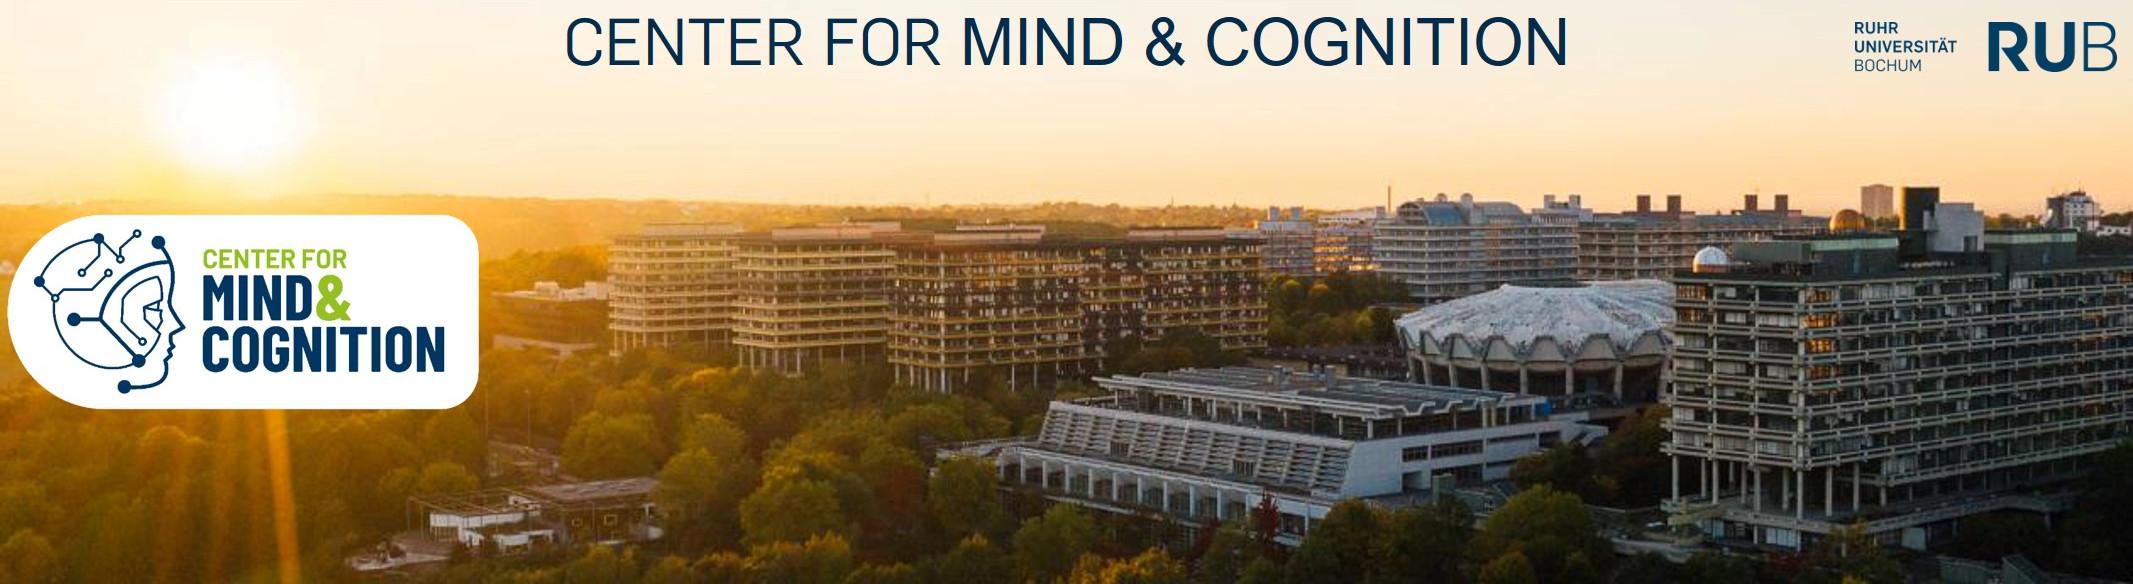 Center for Mind & Cognition